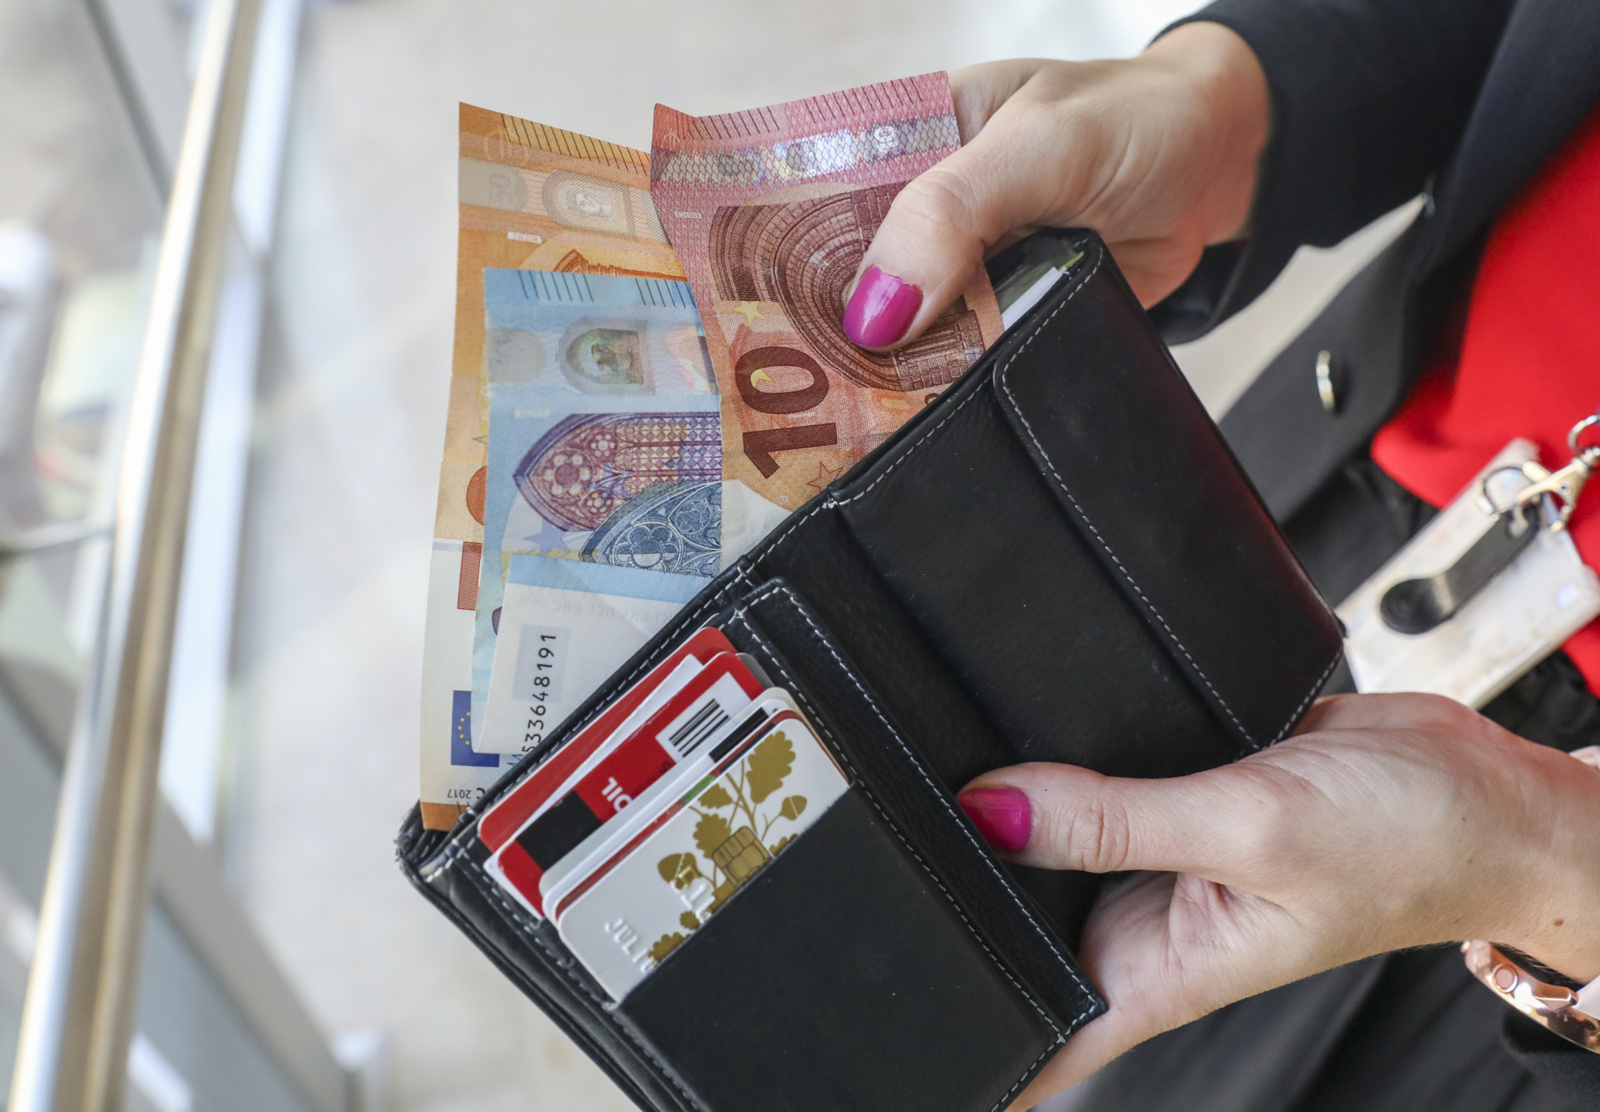 Sukčius iš senjorės išviliojo 600 eurų